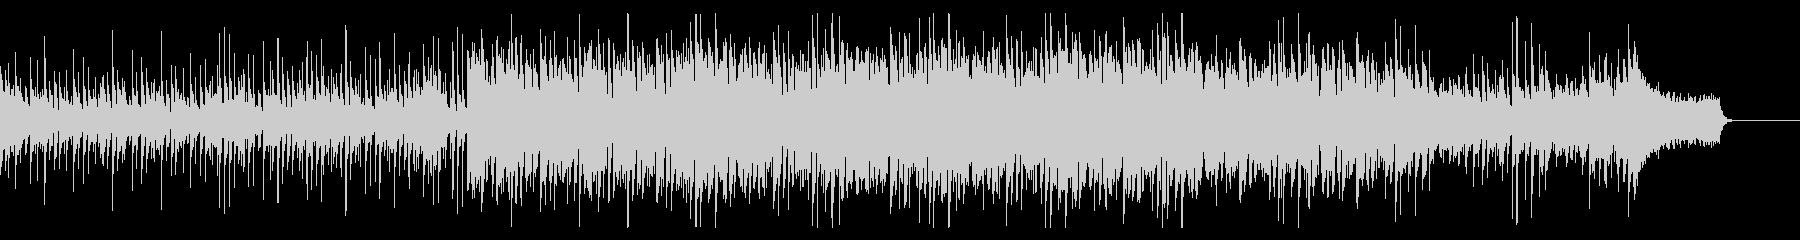 エレクトロなピアノの楽曲の未再生の波形